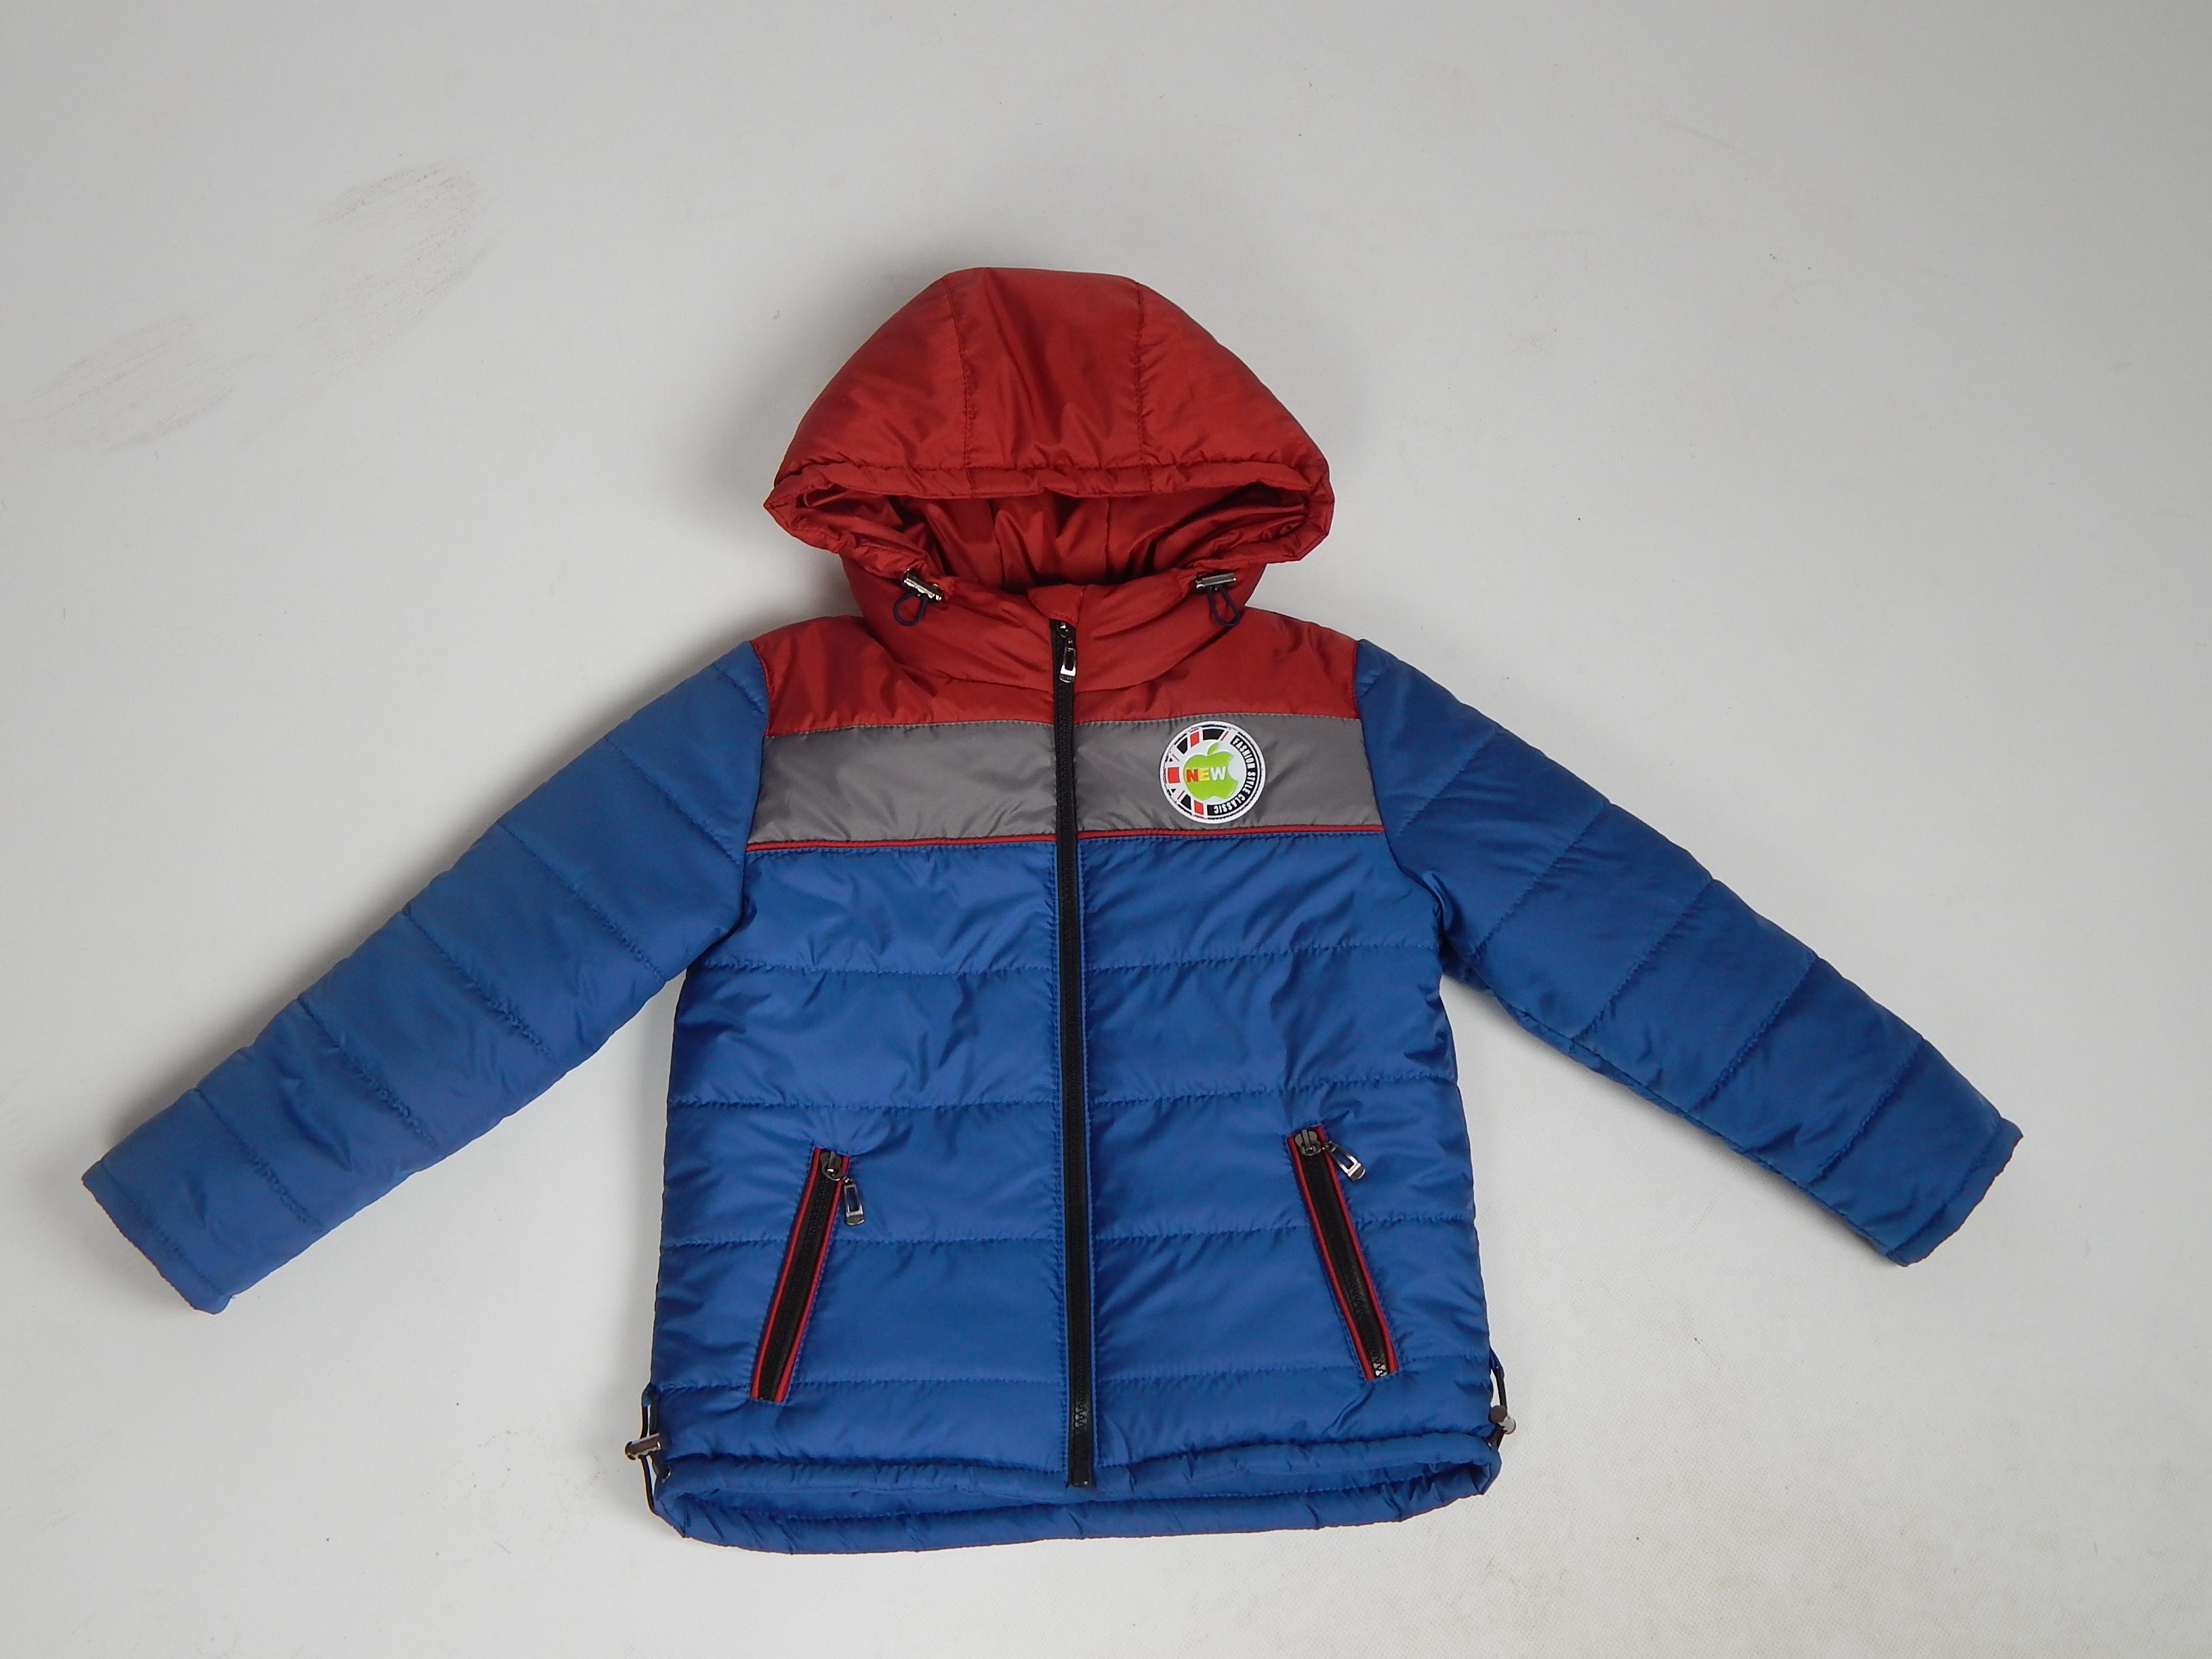 e68a675147d Много ли в Житомире желающих купить куртку от 150 евро. Вставлю и я свои 5